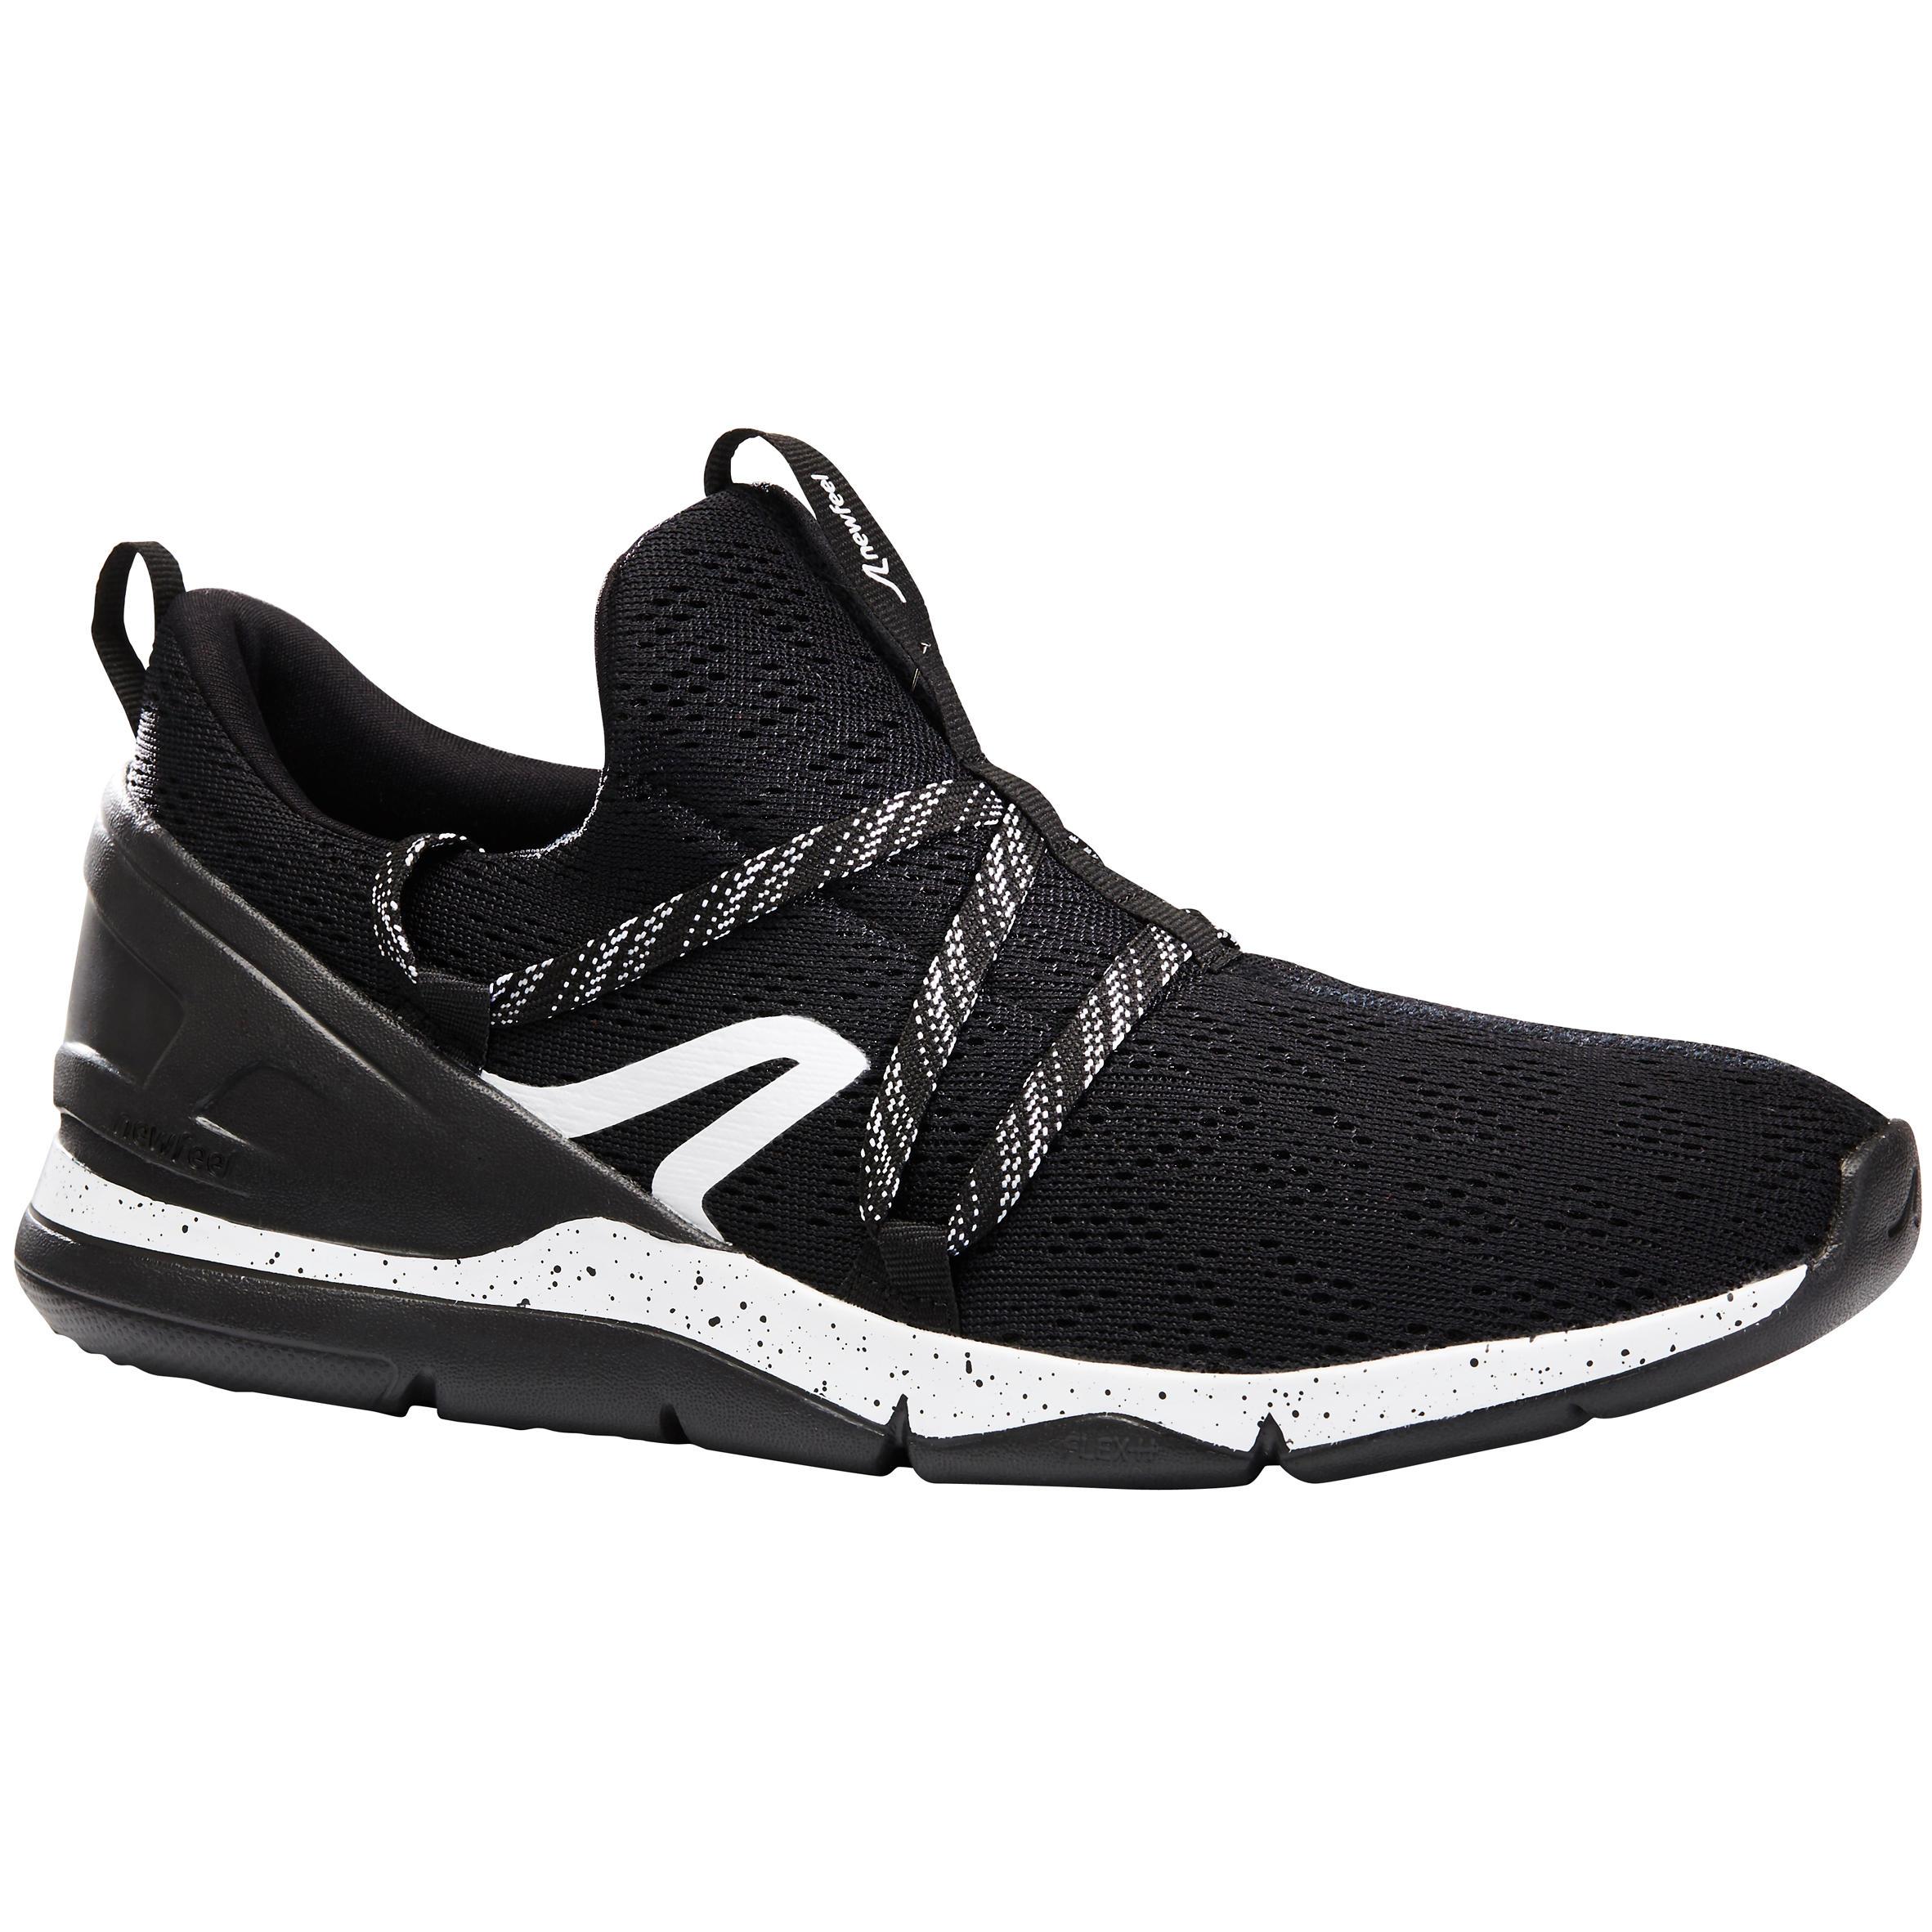 Newfeel Herensneakers voor sportief wandelen PW 140